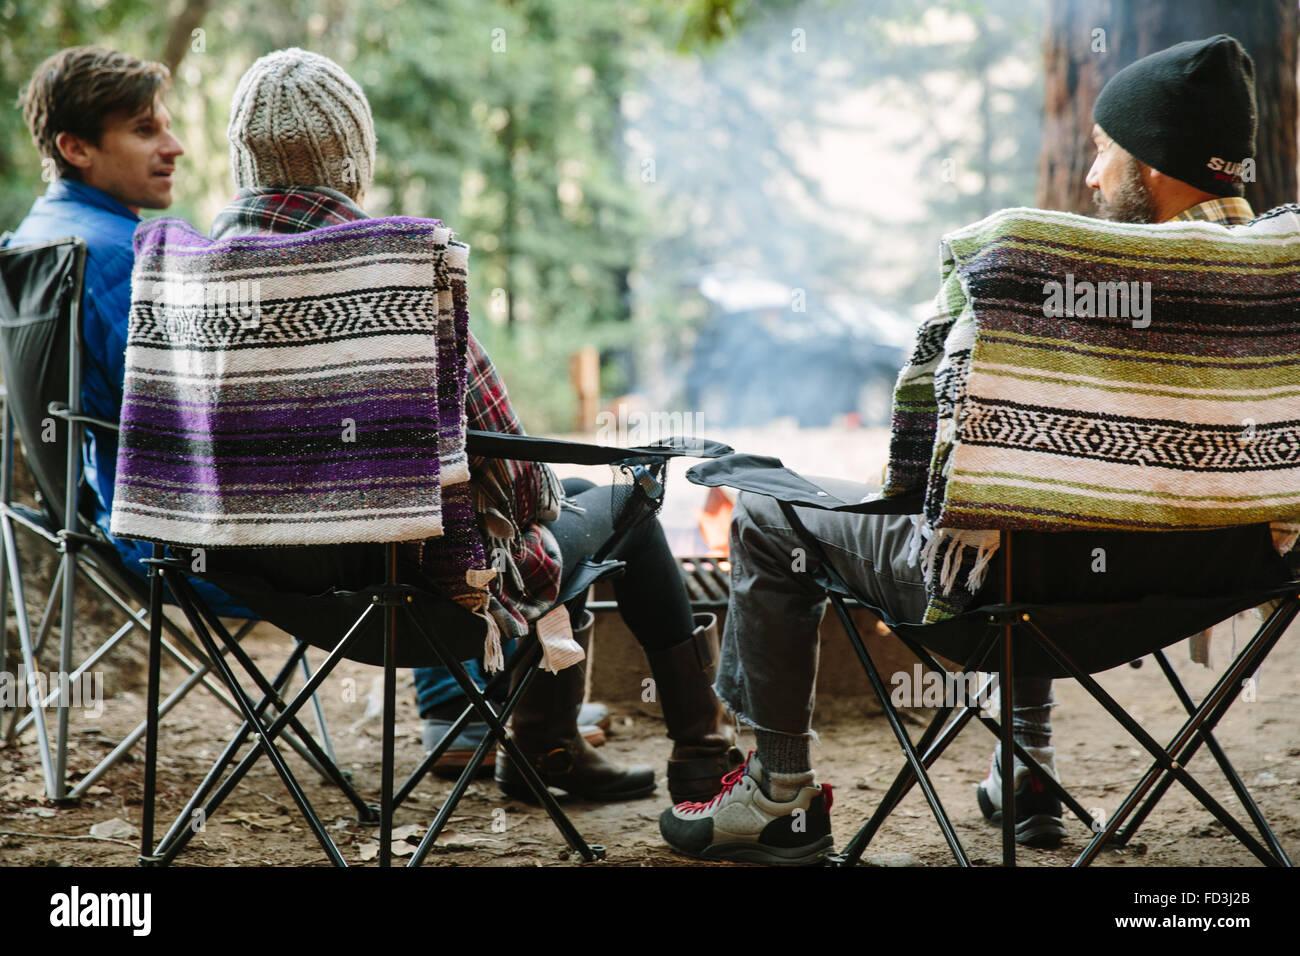 Trois amis s'asseoir autour d'un feu de camp dans la région de Big Sur, en Californie. Banque D'Images